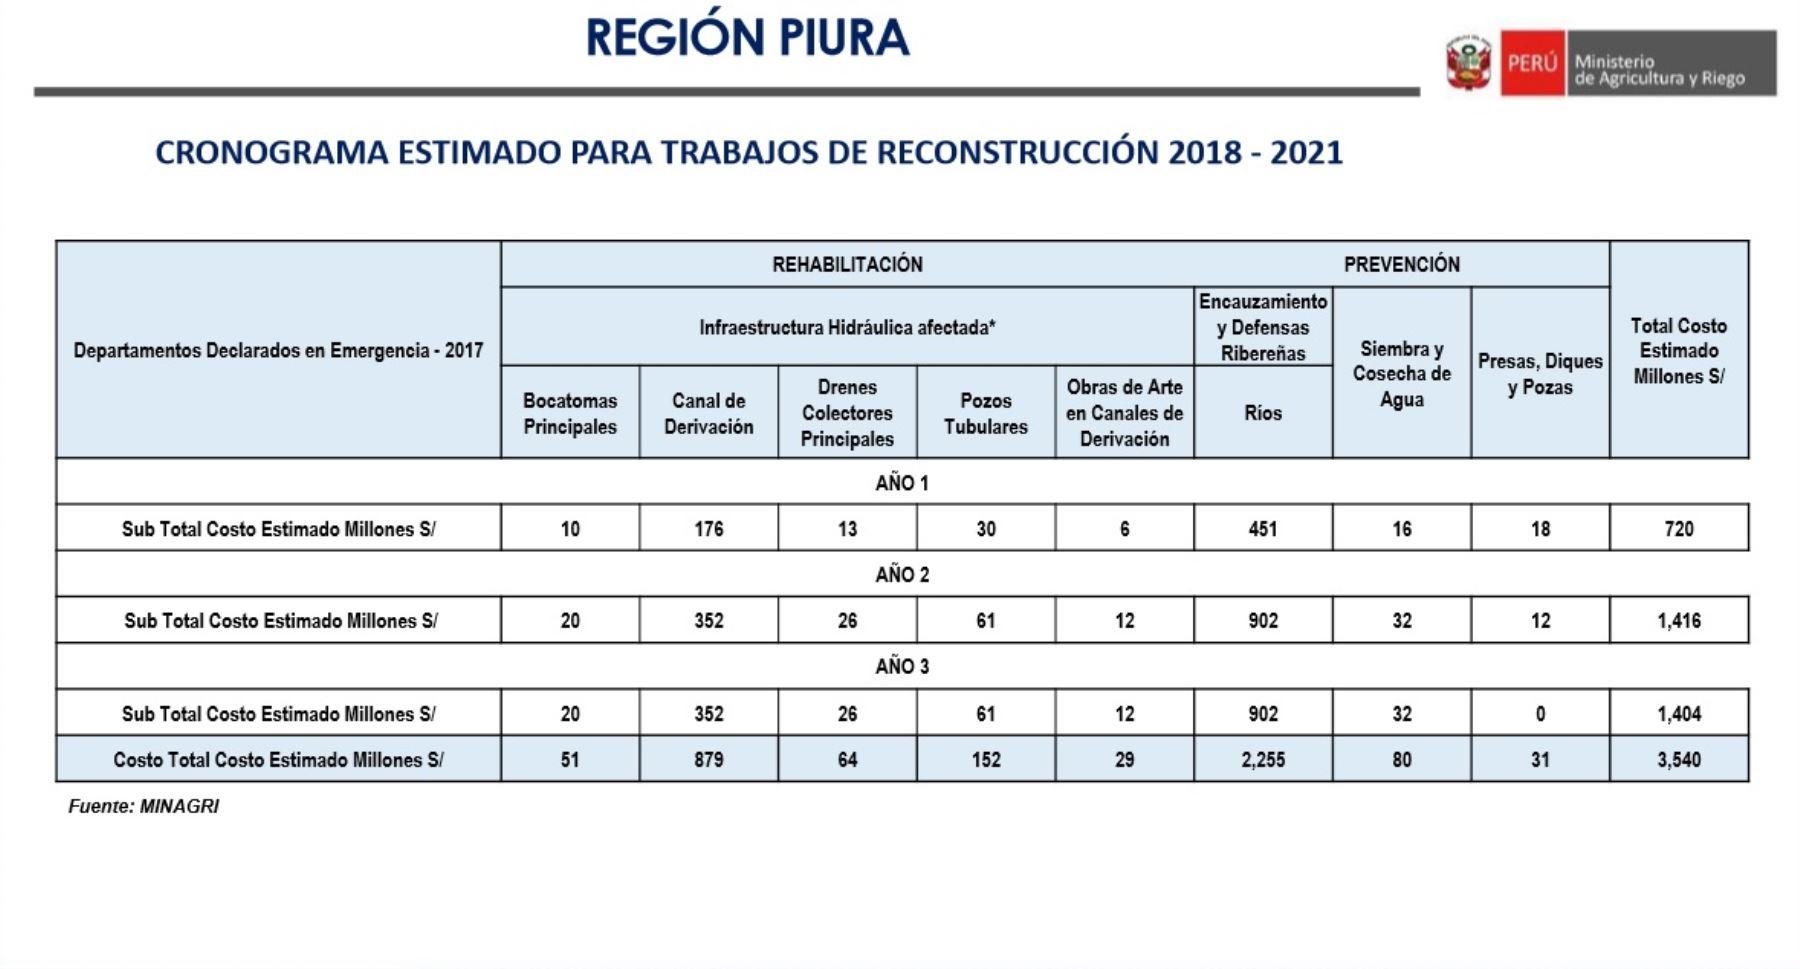 Cronograma estimado de las obras de reconstrucción con cambios que se ejecutarán en el sector agrario de la región Piura, elaborados por el Ministerio de Agricultura y Riego.